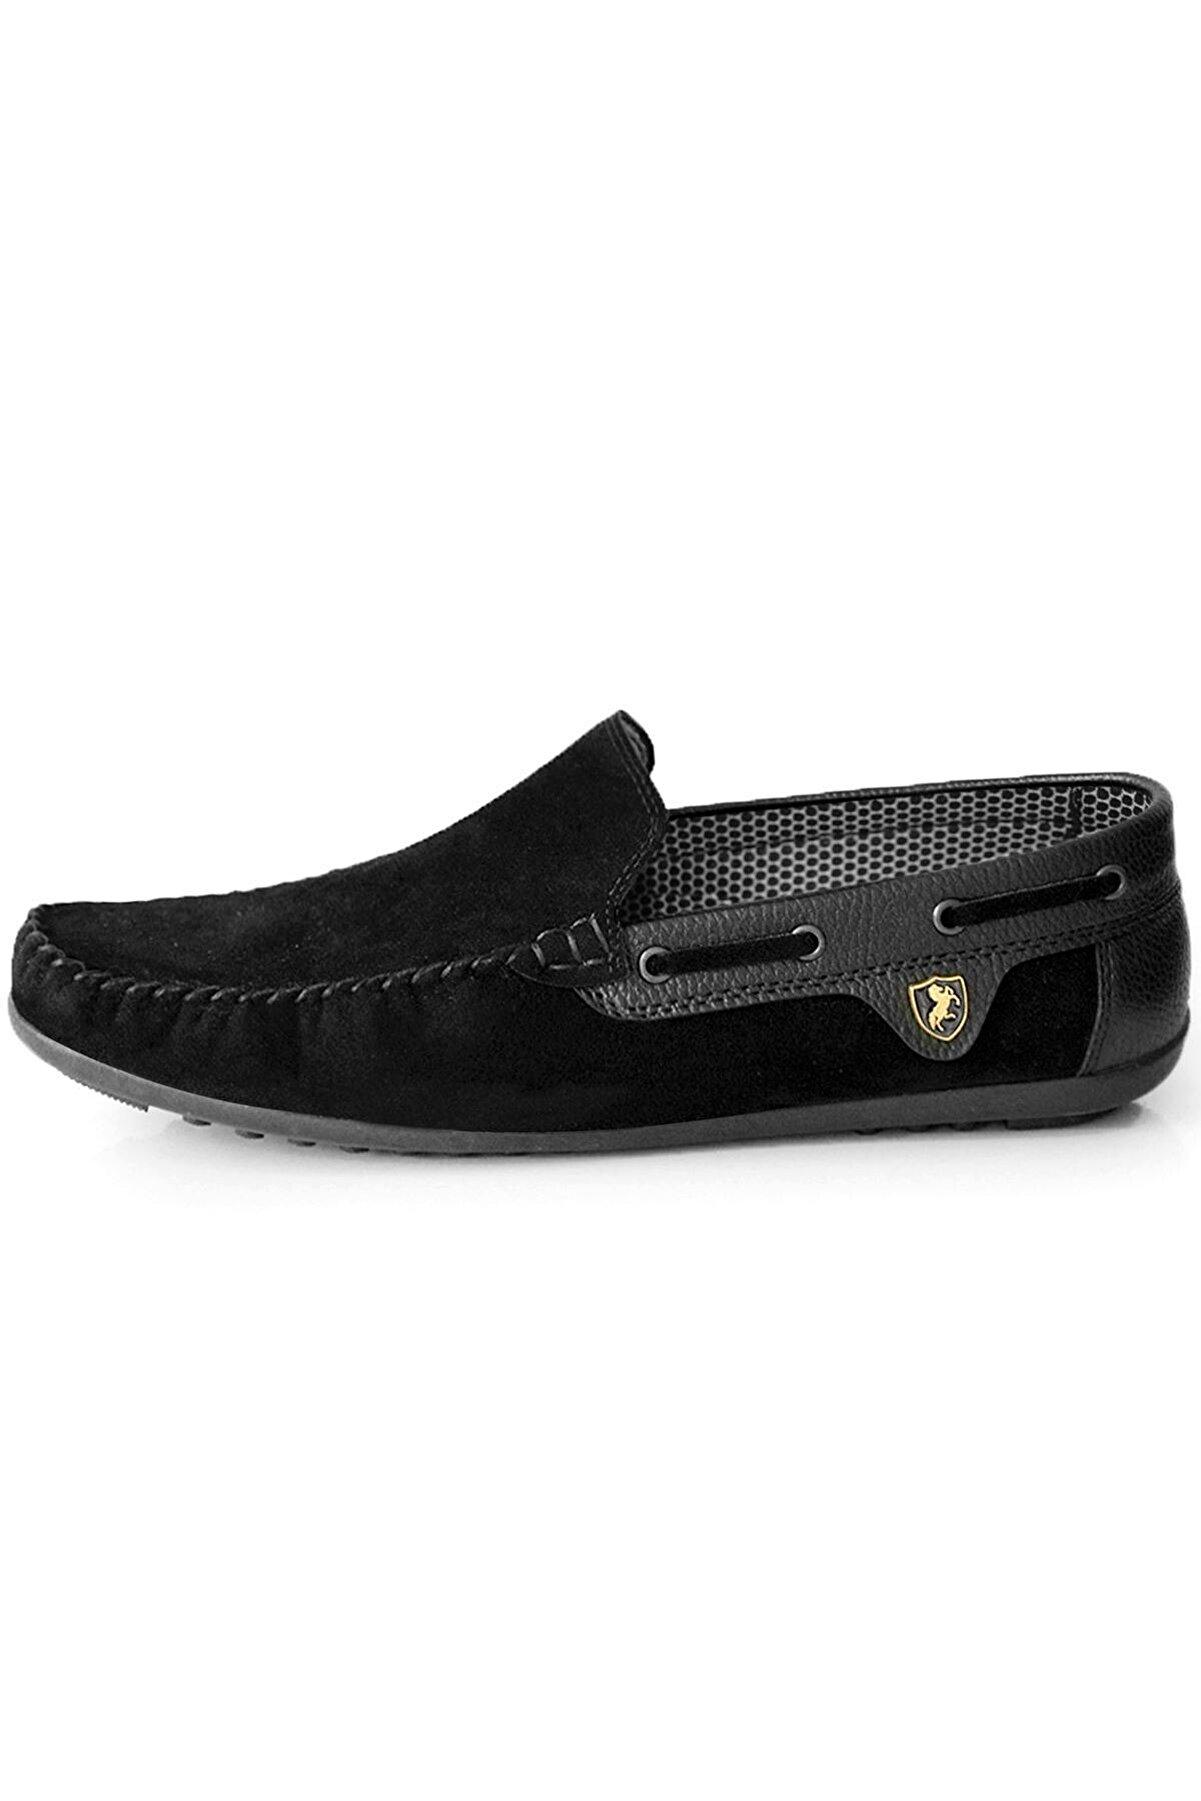 Milano Brava Ortopedik Loafer Erkek Ayakkabı Mln1001 Süet Siyah